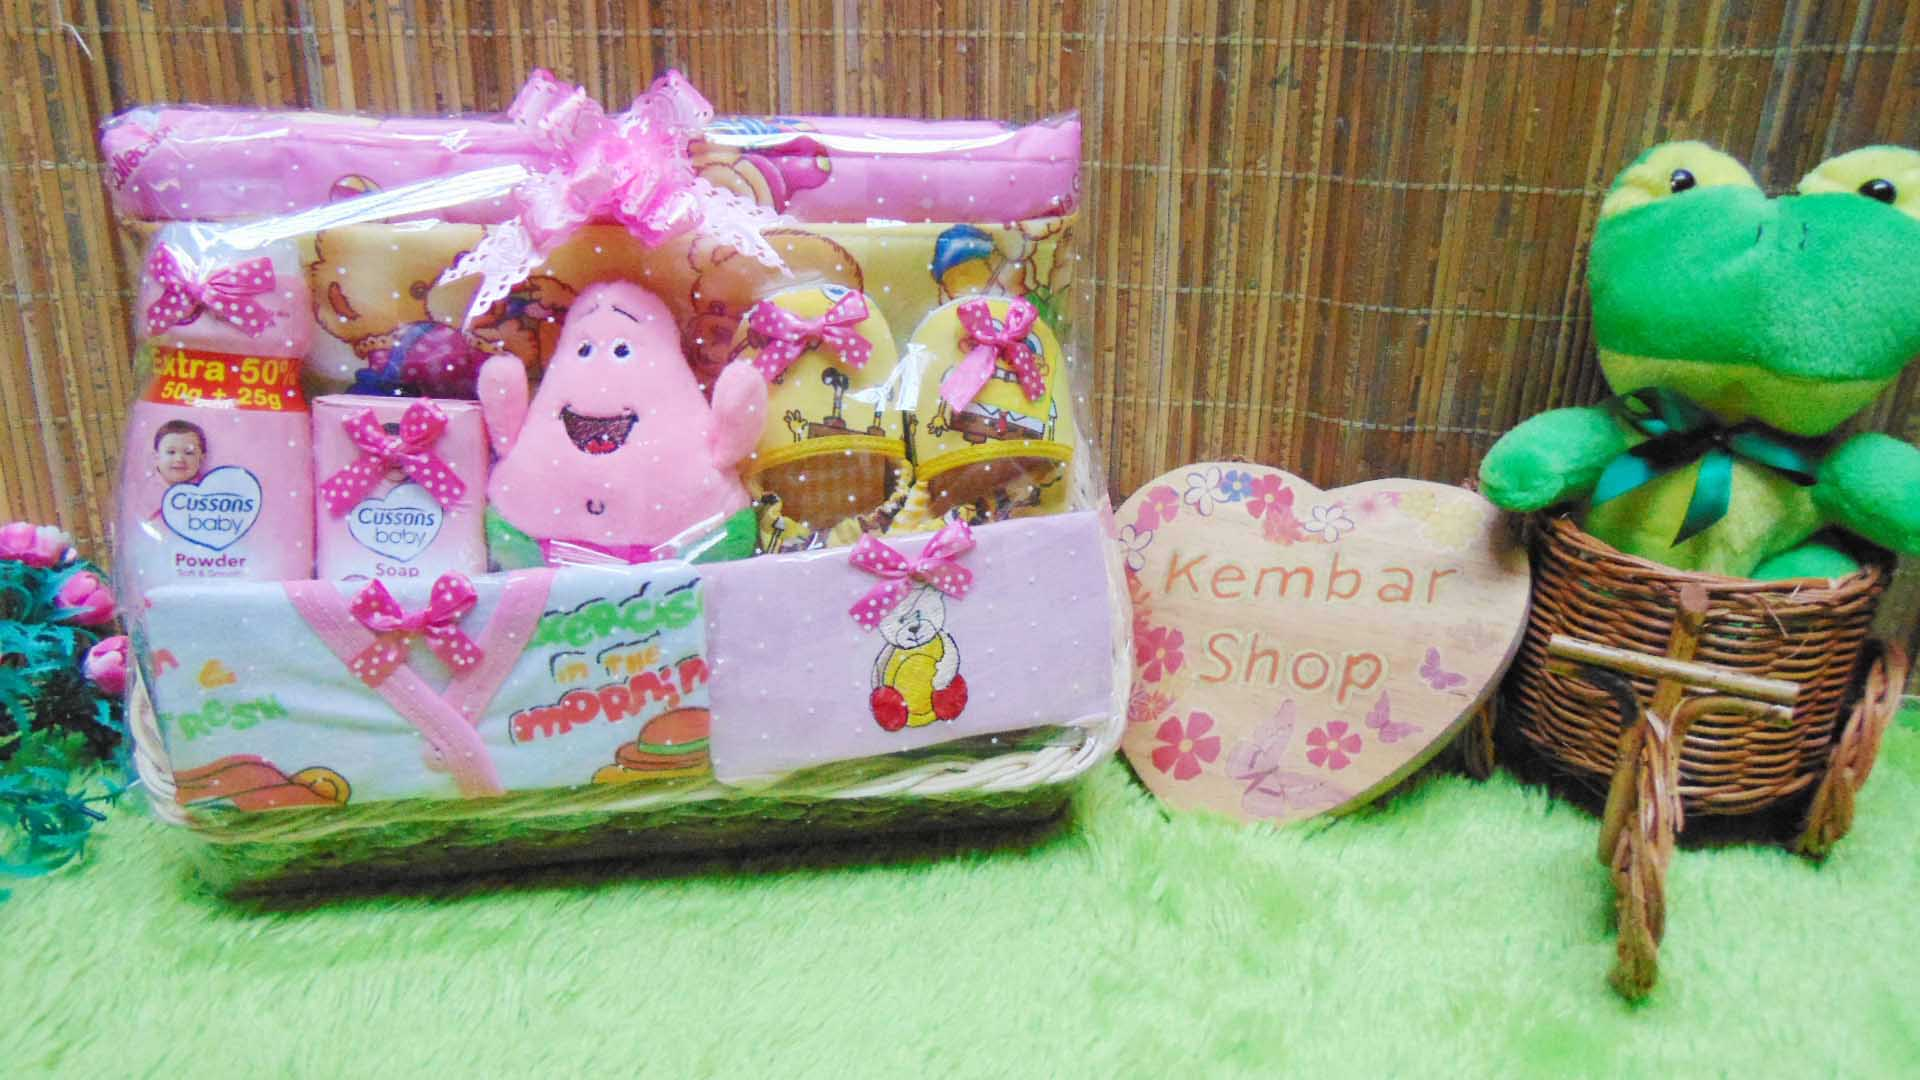 TERLARIS paket kado bayi baby gift parcel bayi parcel kado bayi kado lahiran gendongan prewalker komplit ANEKA WARNA (1)